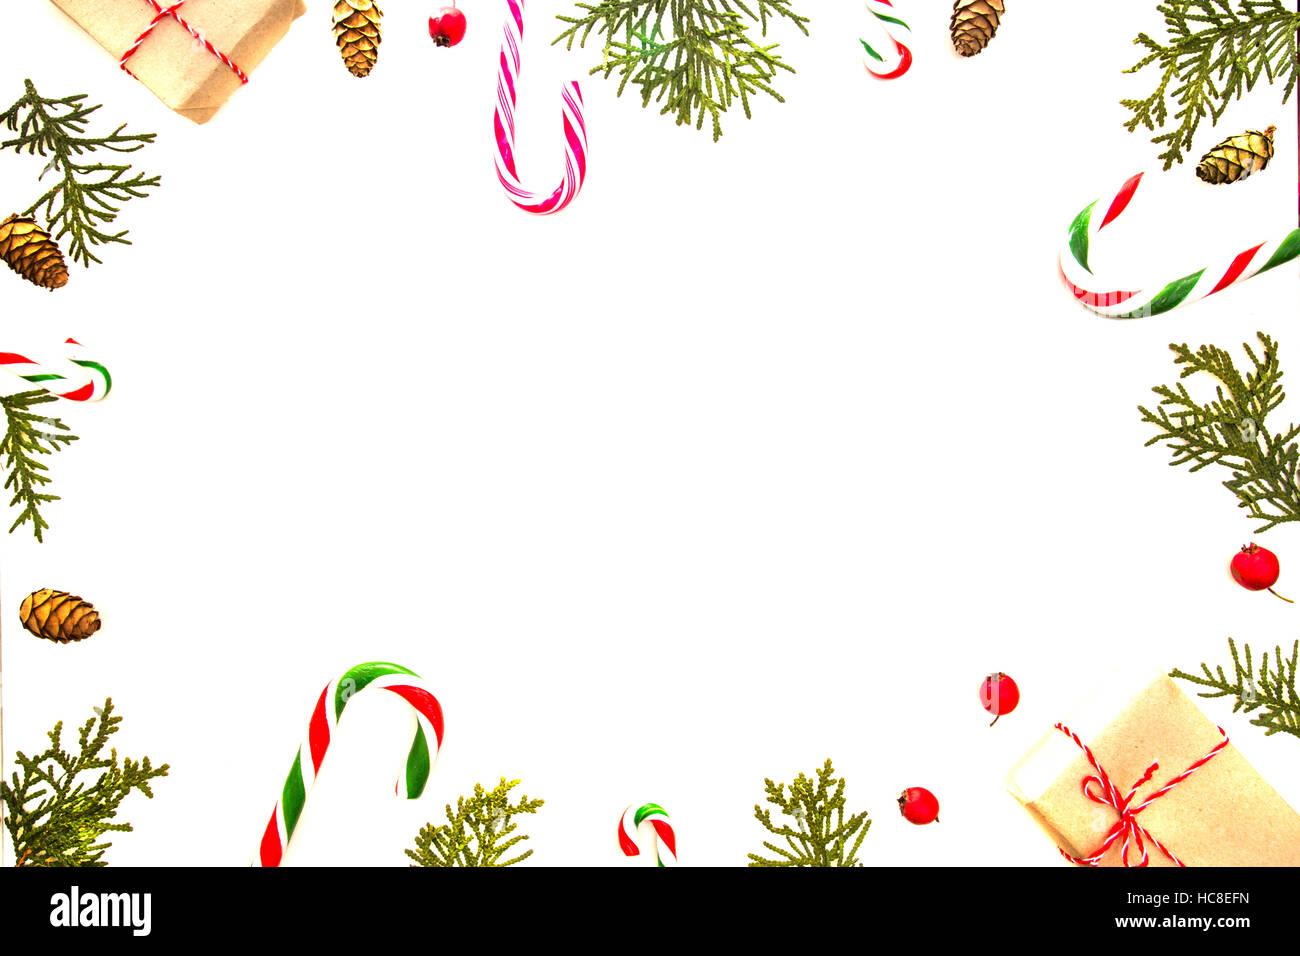 Weihnachten-Zusammensetzung auf weißem Hintergrund ...